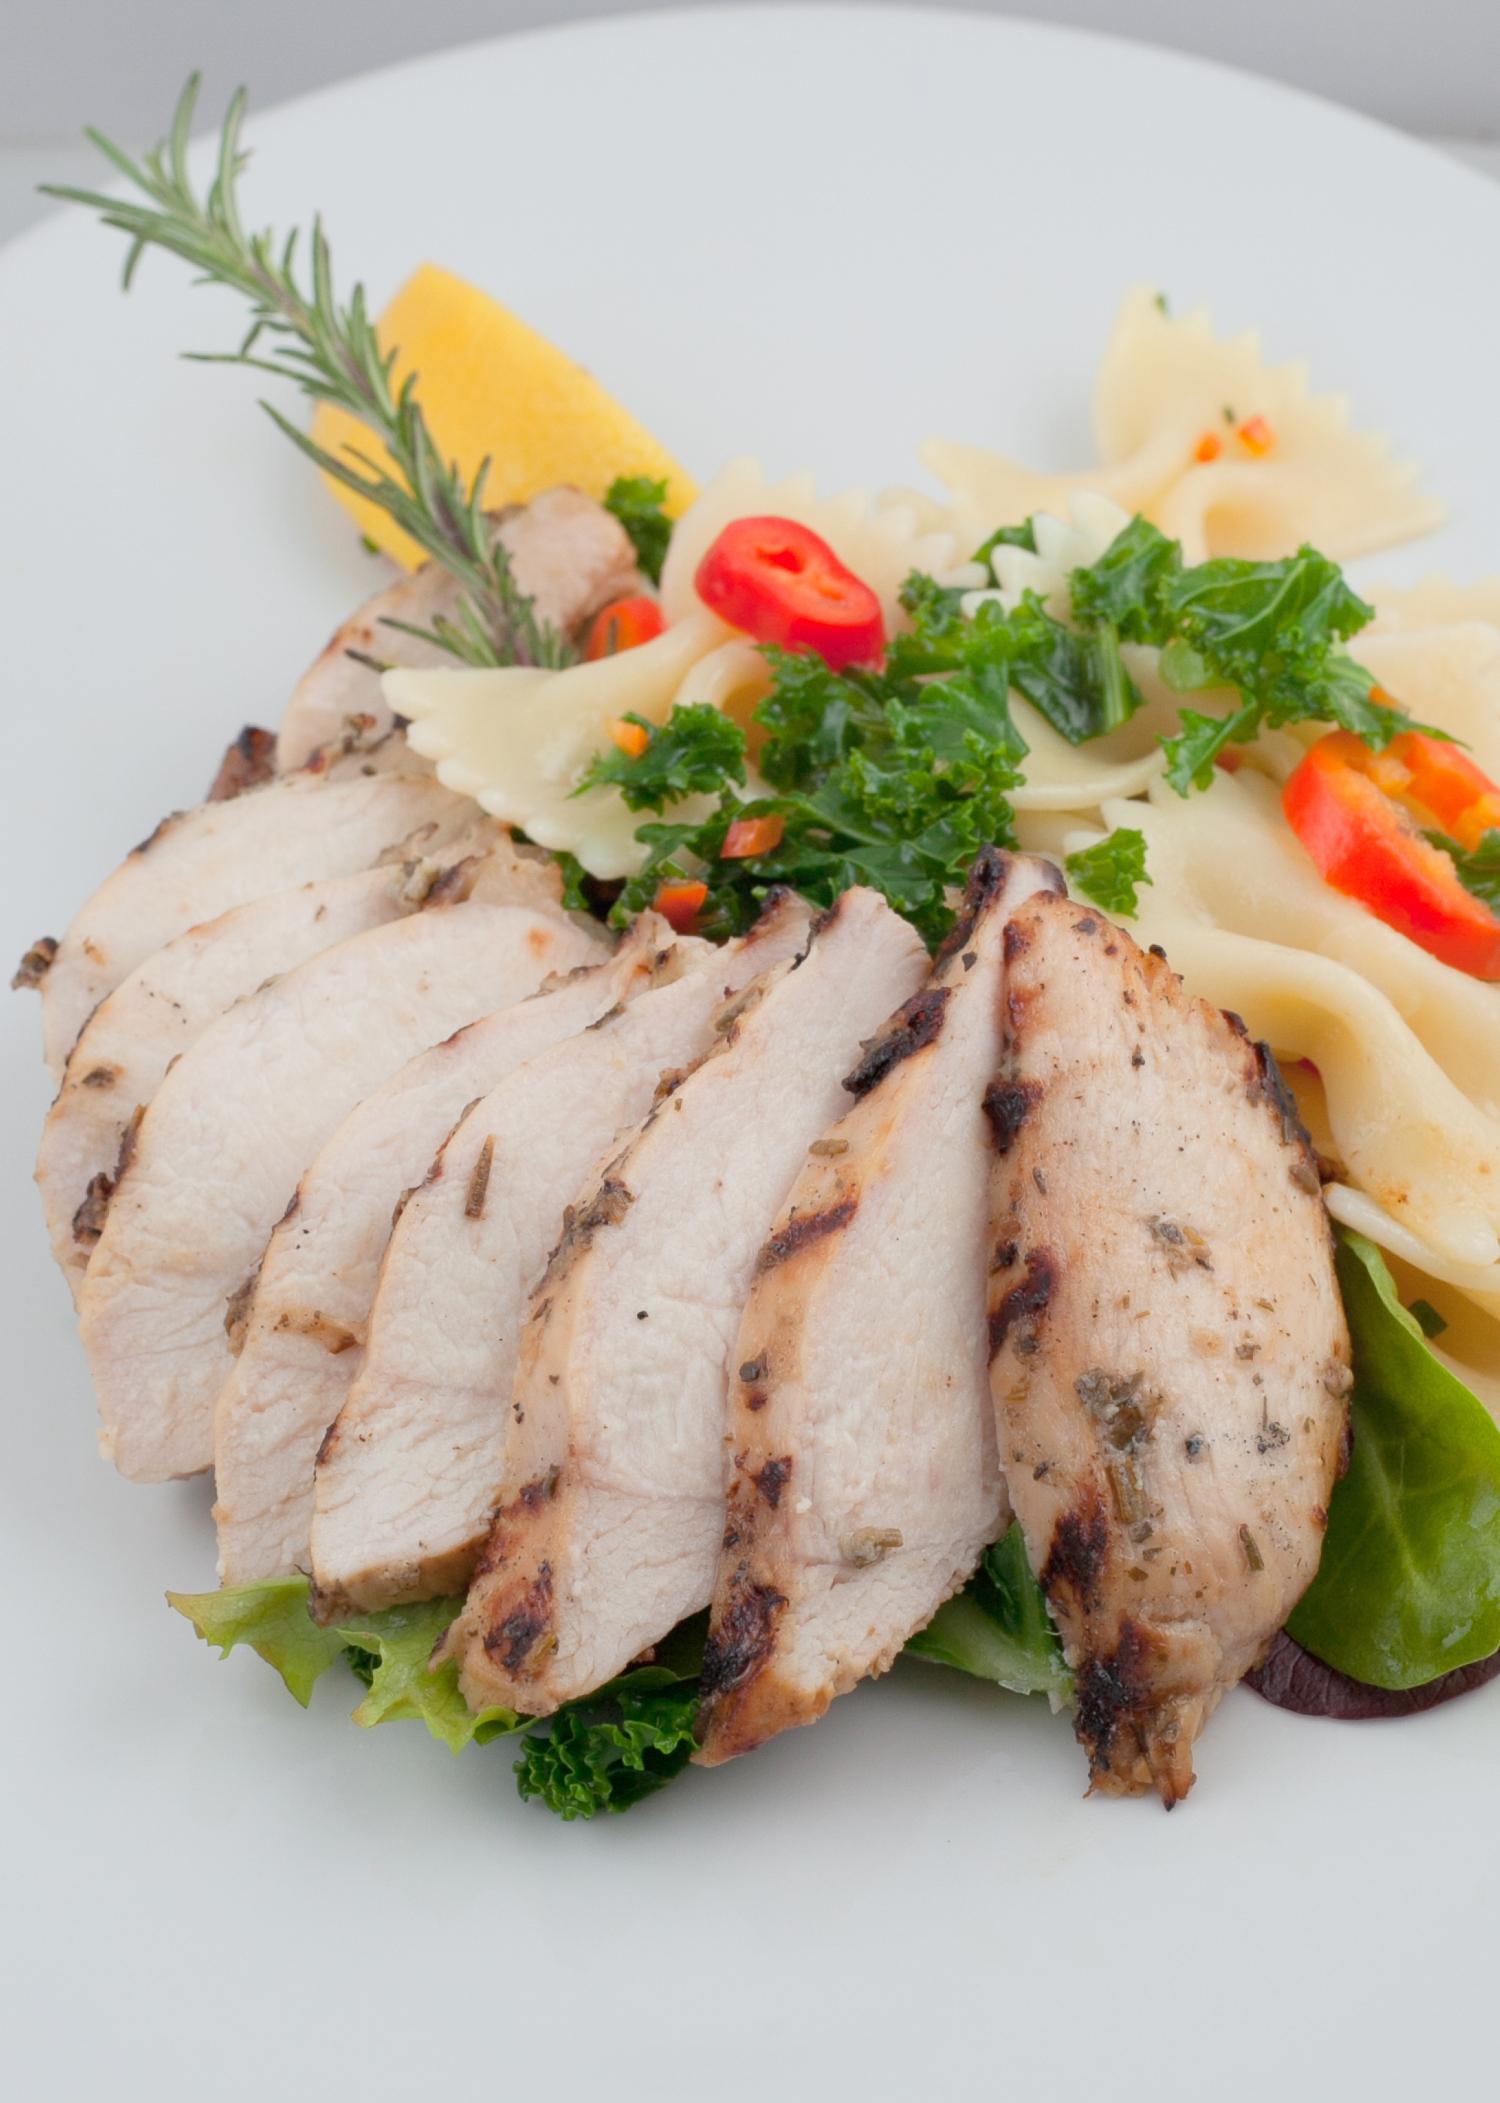 Garlic Herb Chicken Breast